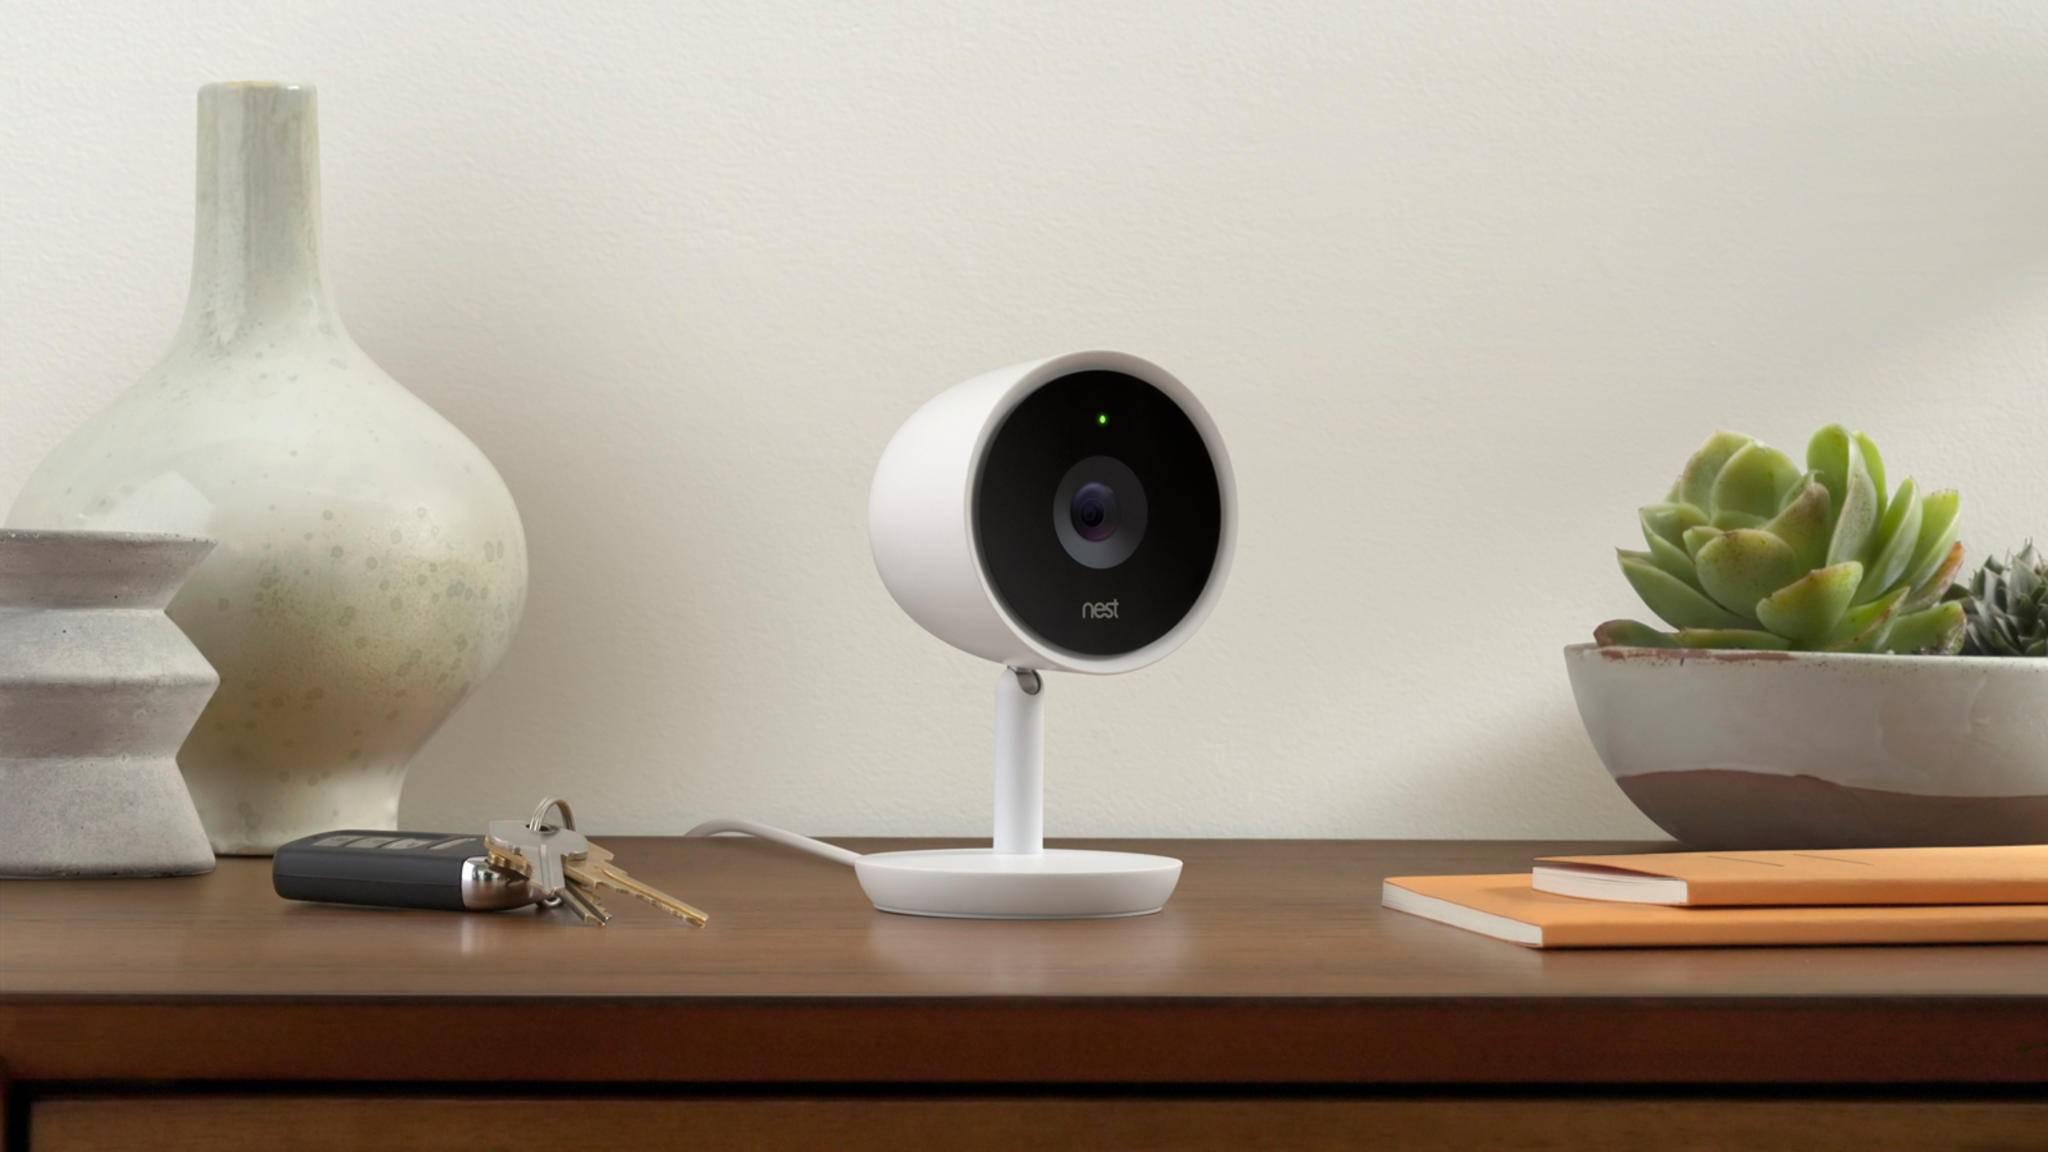 Google-Nest-Kameras können jetzt noch komfortabler genutzt werden.